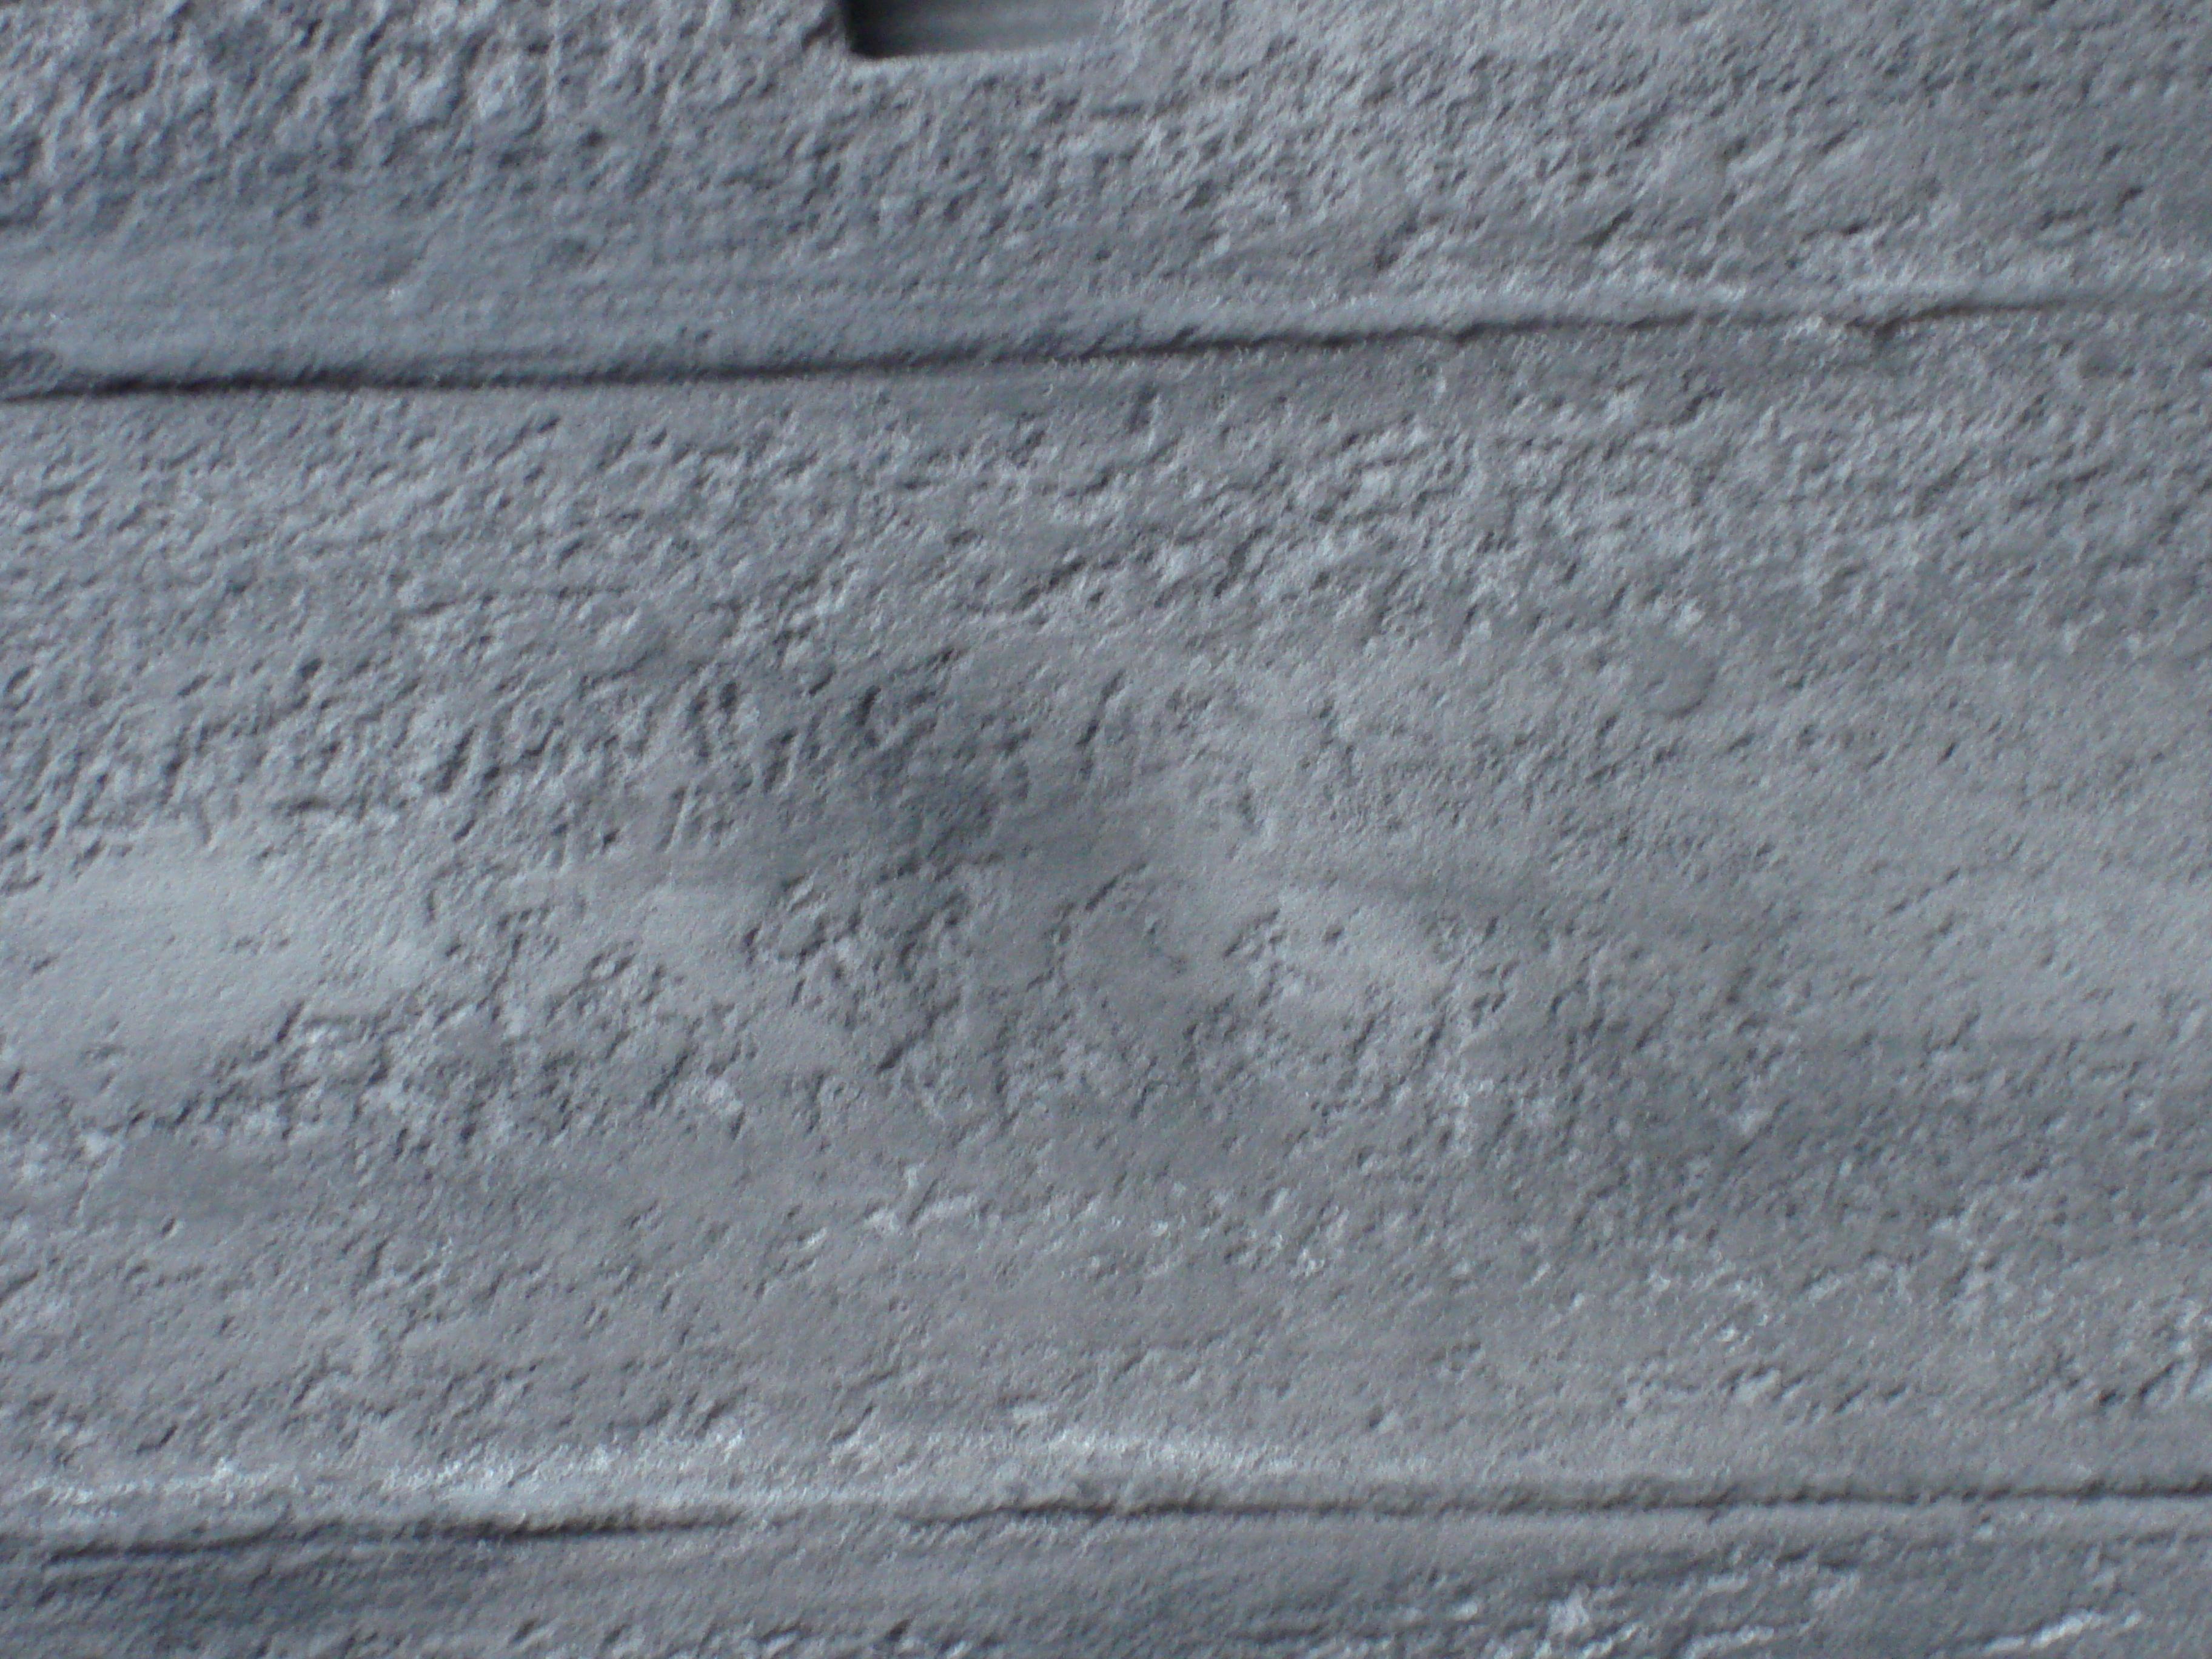 Treppenstufen Holz Beton Kleben ~   an die Wand kleben, Wellnessbereich mit Stein, Canonau ein Steinpaneel